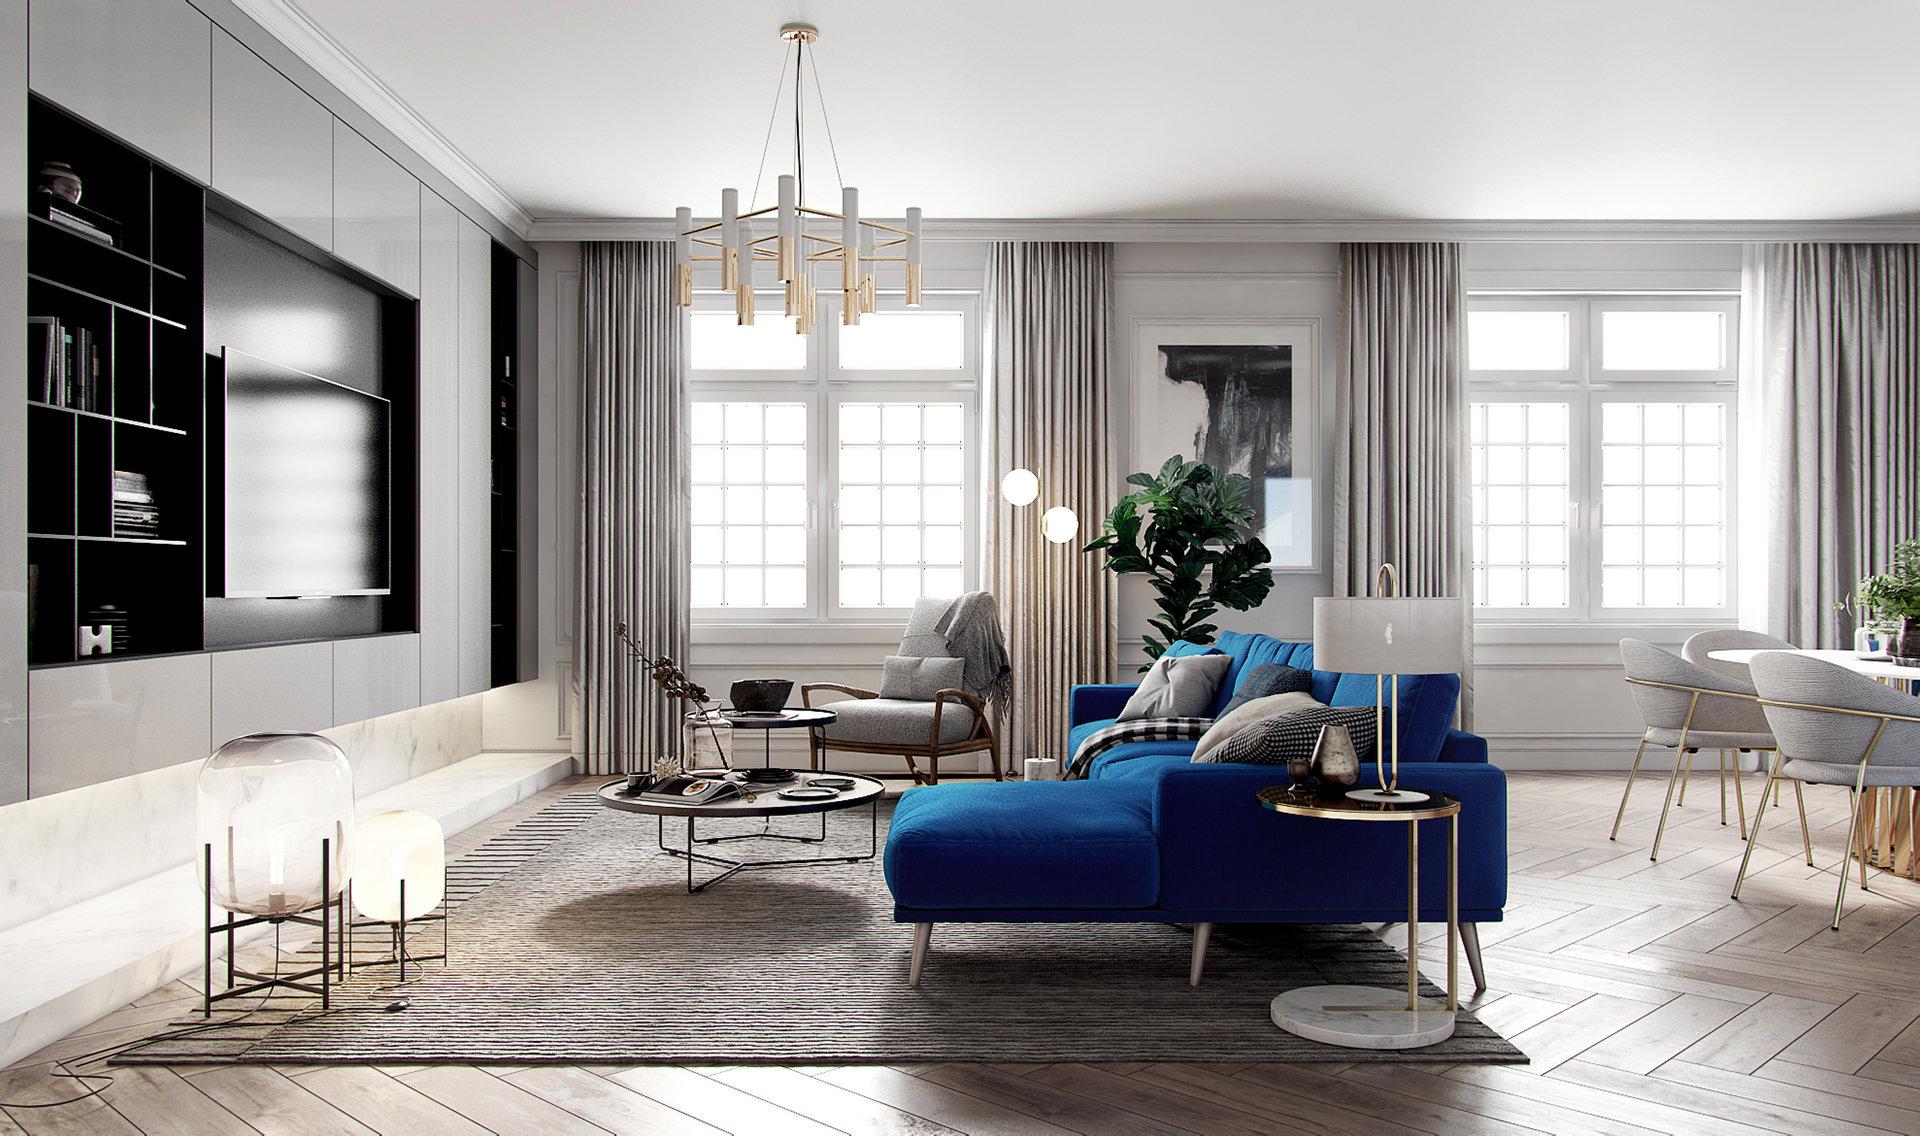 hubstairs votre d coration d int rieur au quotidien. Black Bedroom Furniture Sets. Home Design Ideas